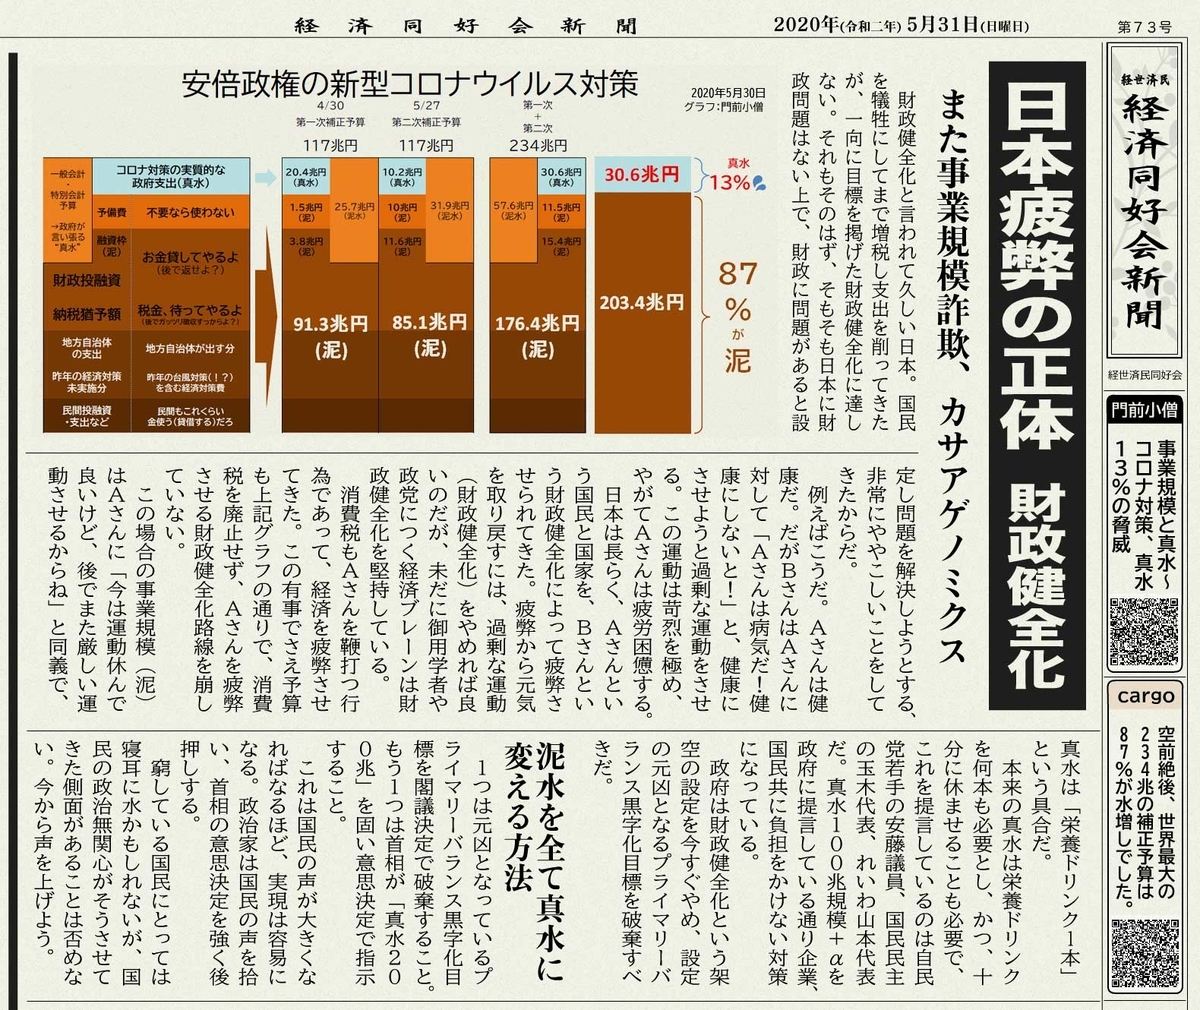 日本疲弊の正体 財政健全化